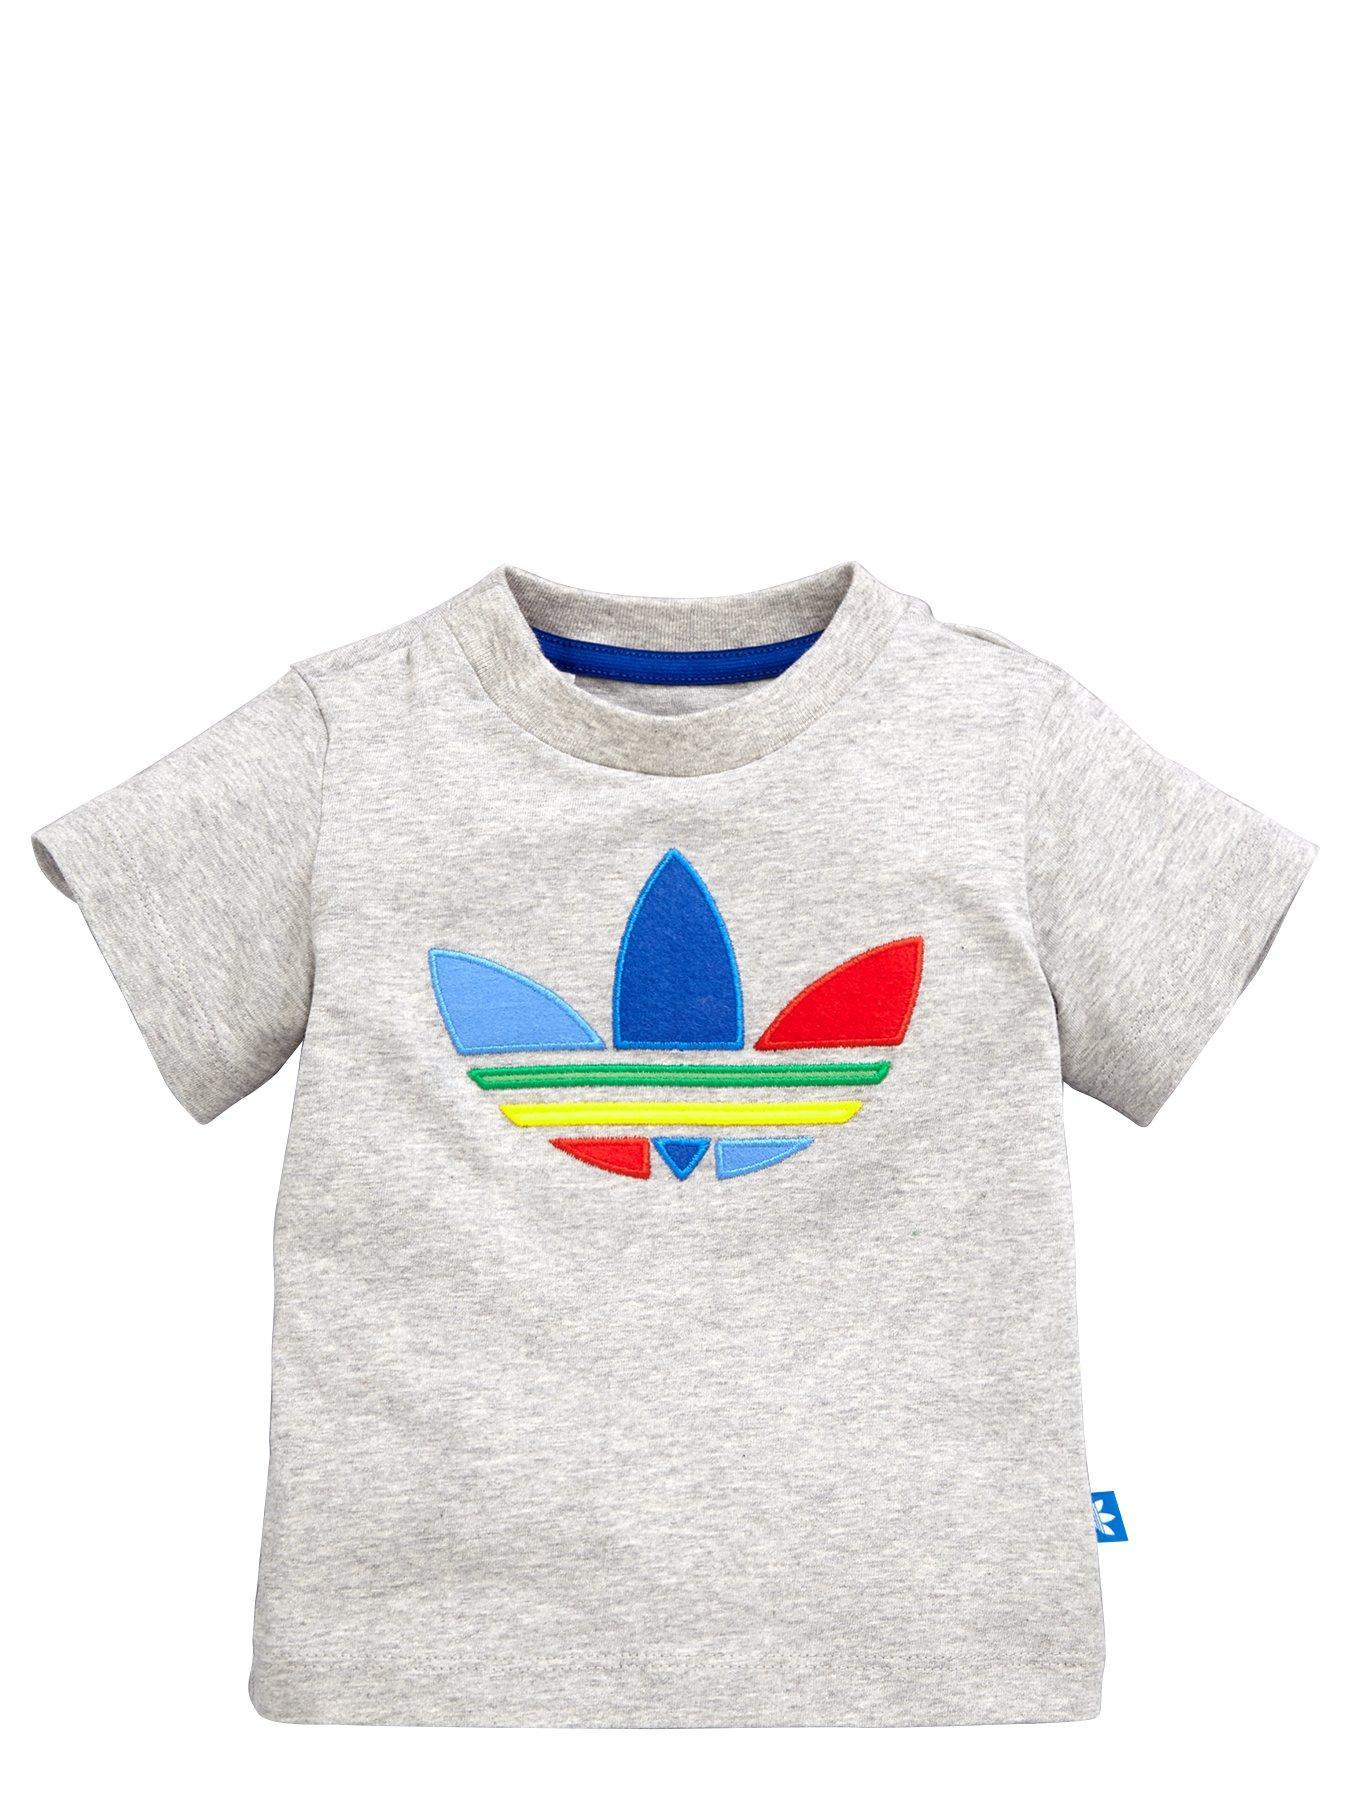 Adidas Originals Baby Online Shop